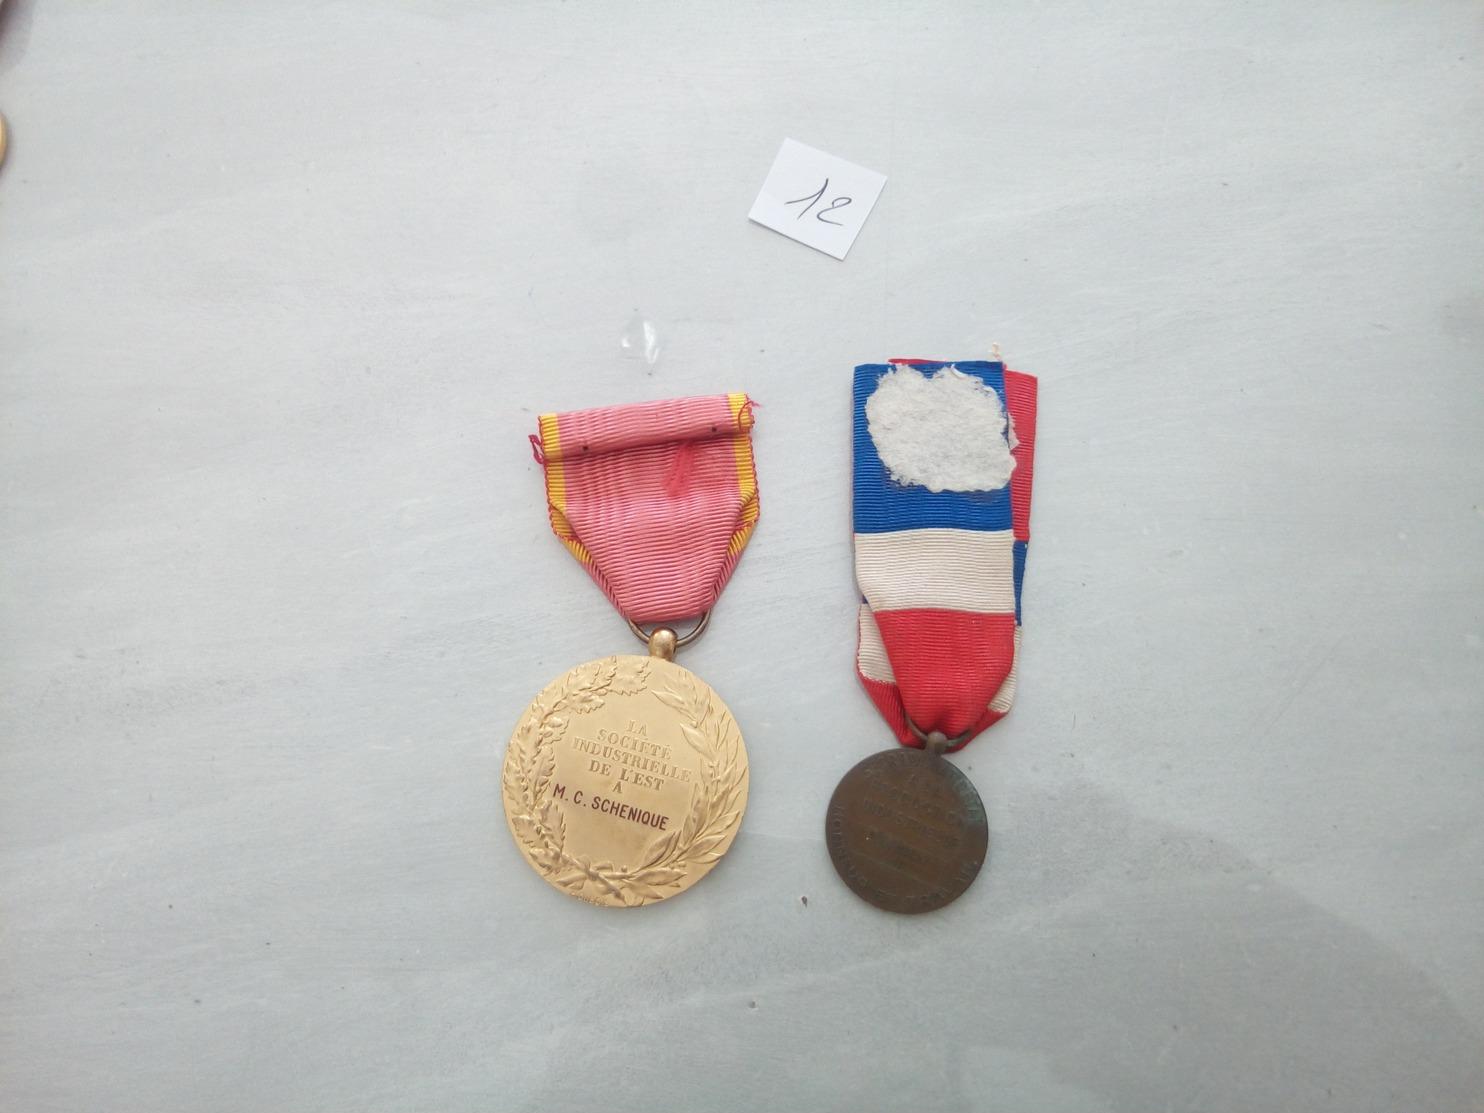 6408-2019    LOT DE 2 DECORATIONS  CIVILES OU MILITAIRES - Militari